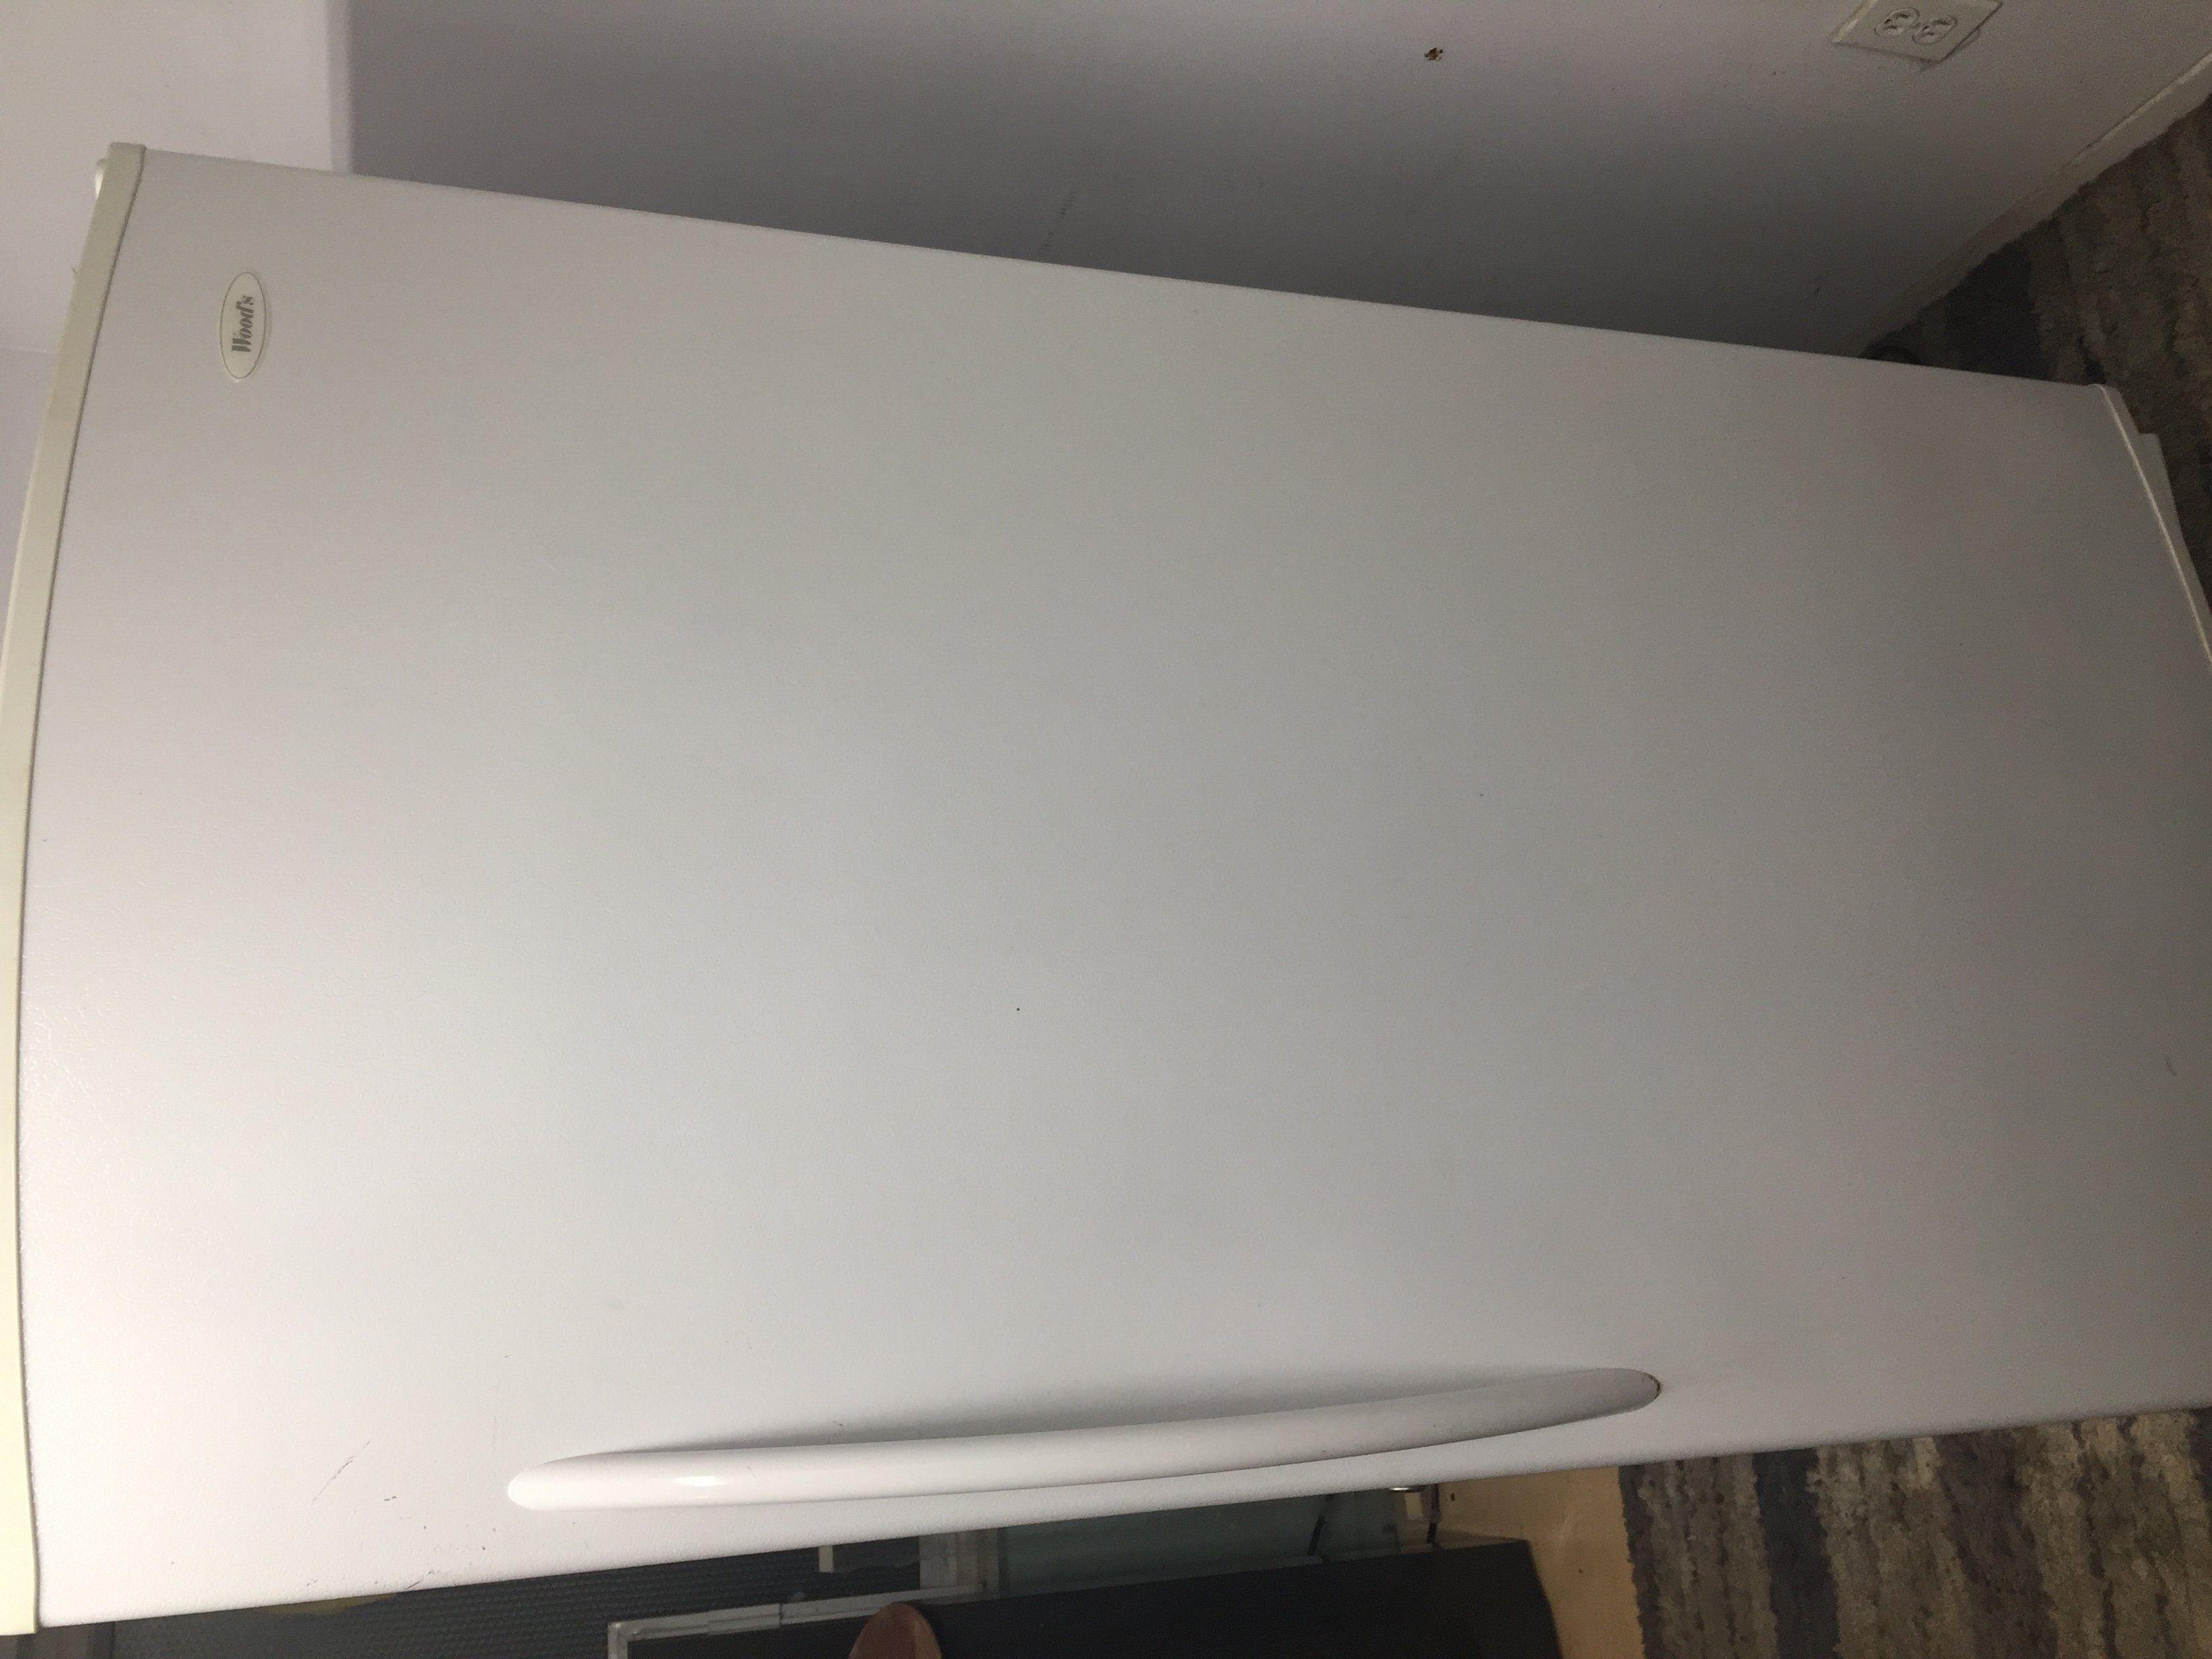 kitchen upgrade small tables ikea 厨房升级 底价处理使用的炉头 雪柜 居家日用 蒙城华人网 309581671673325020 jpg